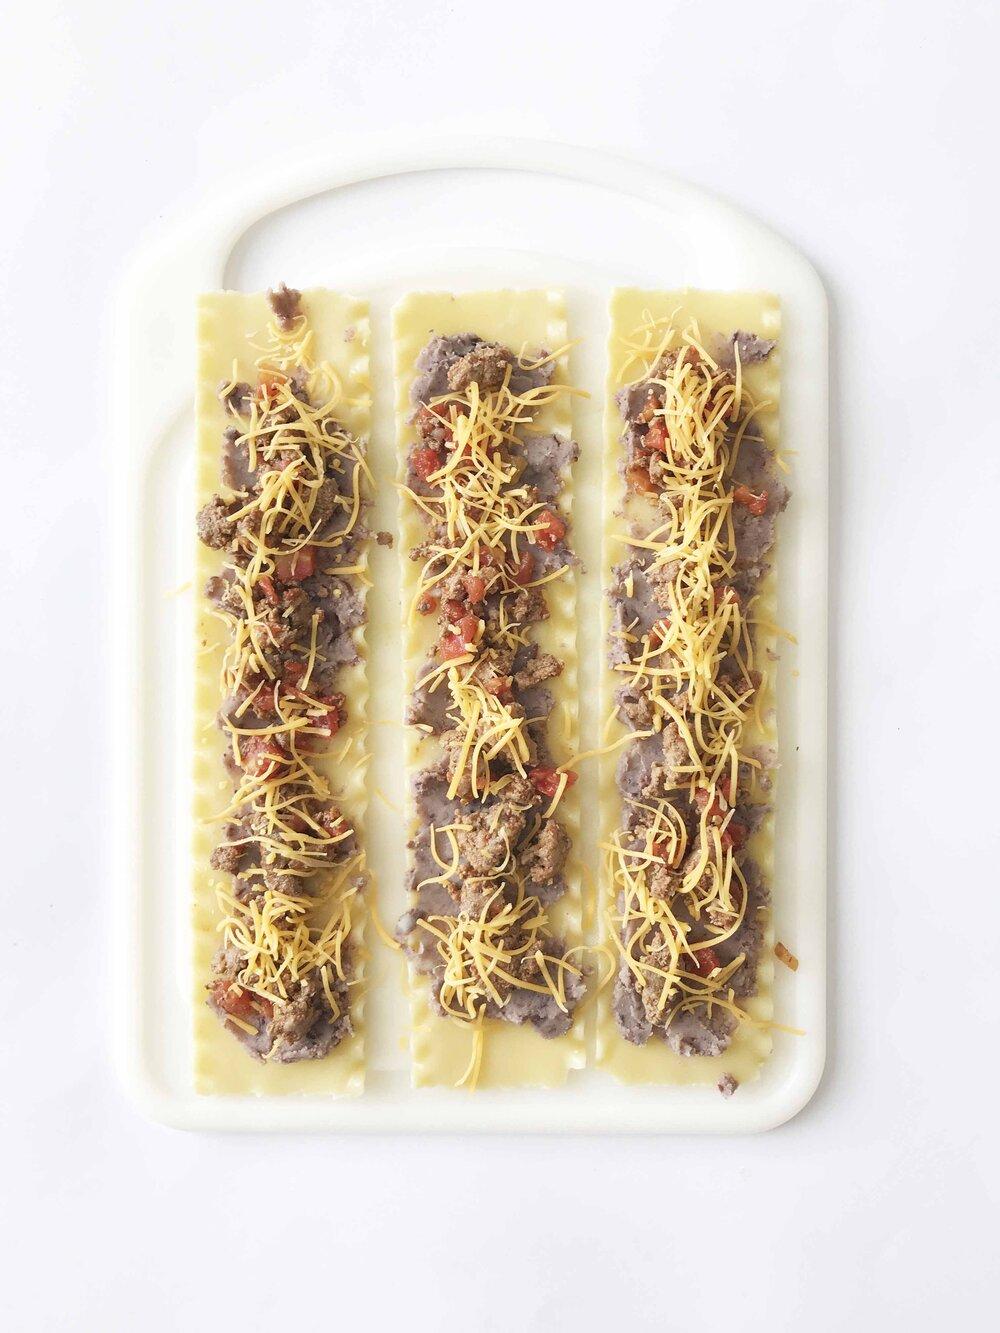 texmex-lasagna-rolls4.jpg